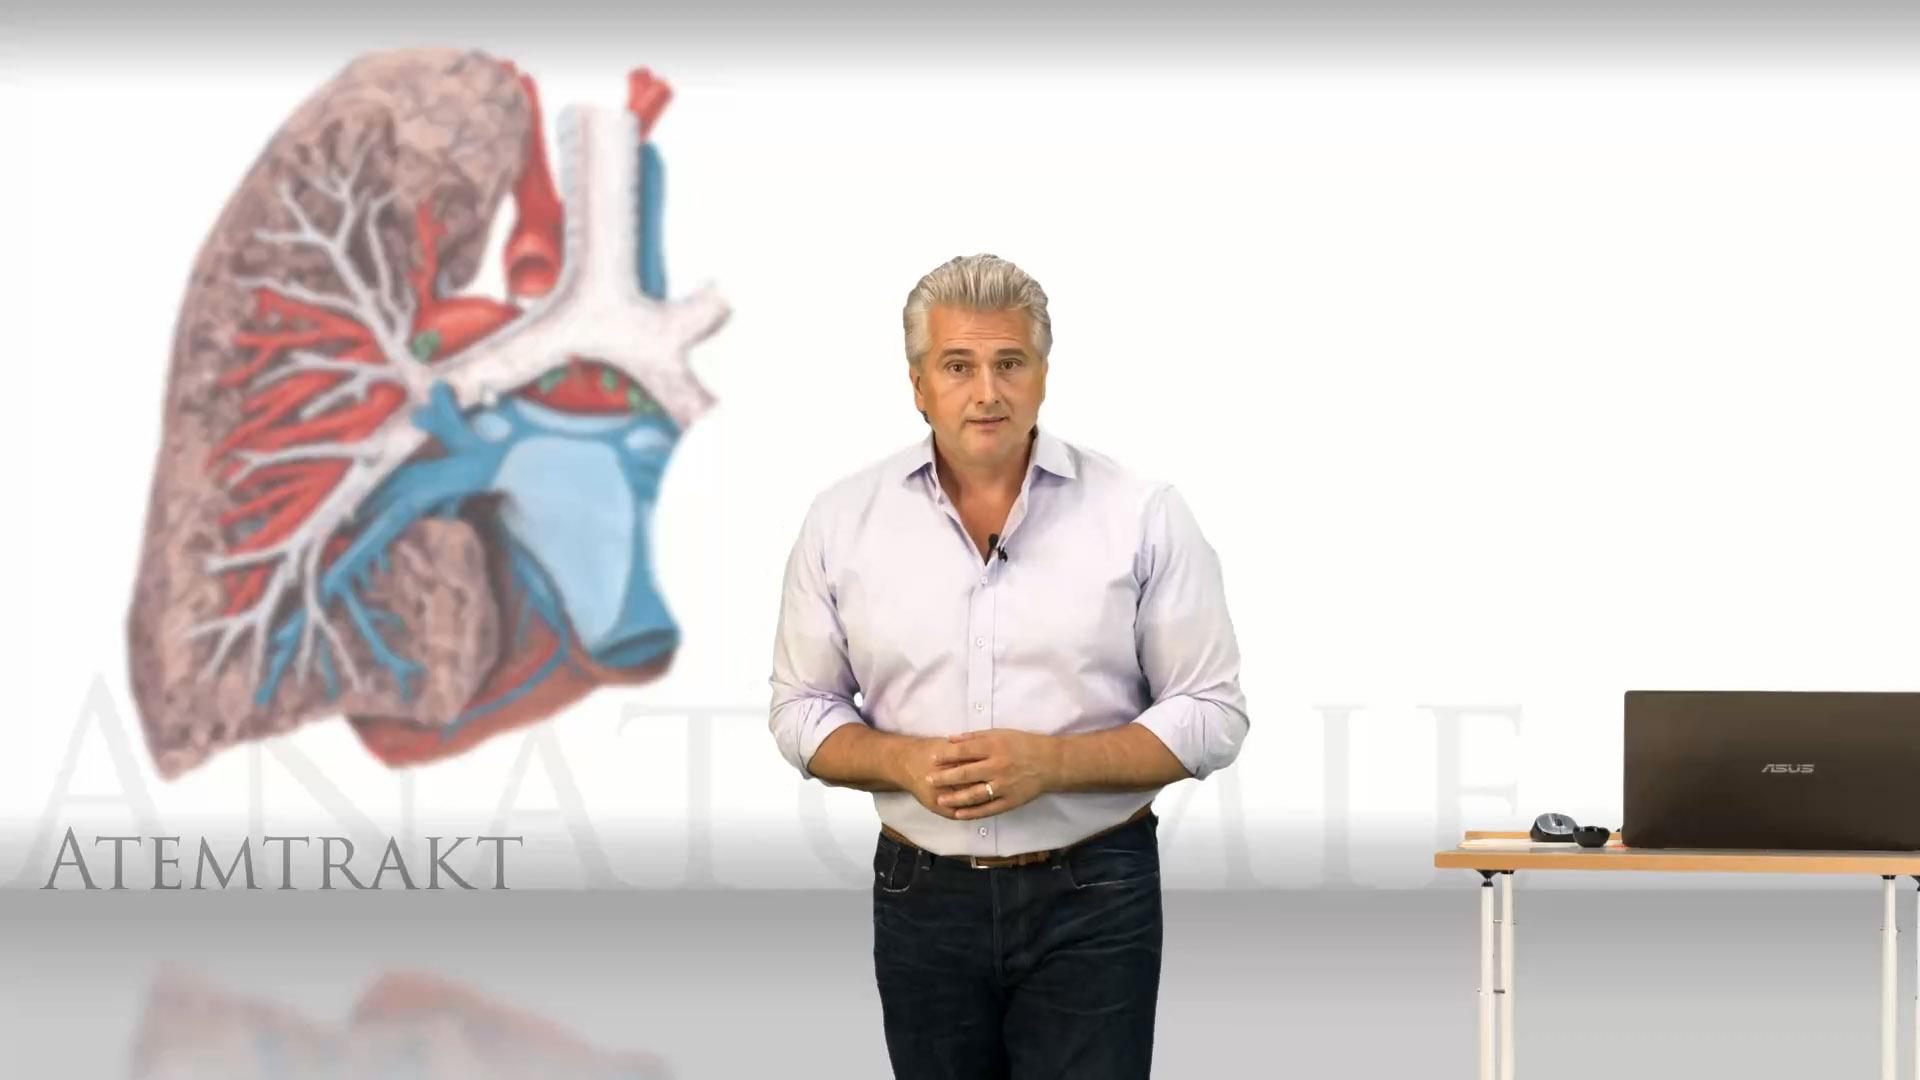 Atemtrakt Anatomie – Online Medizin Kurs | Lecturio